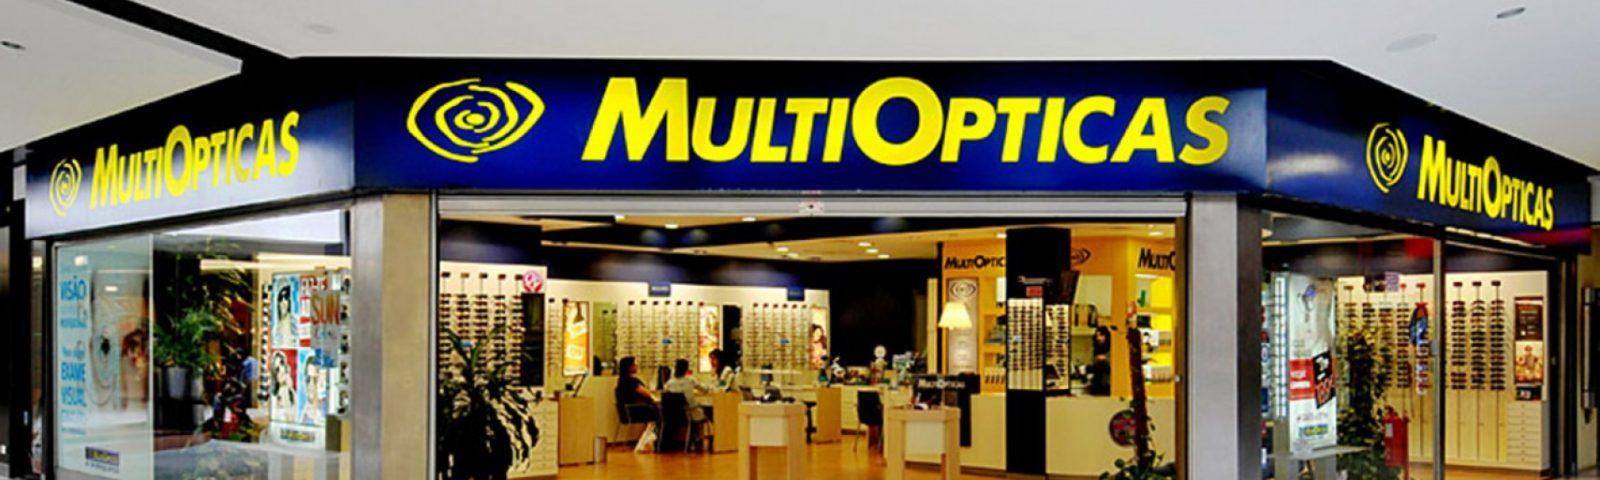 MultiOpticas abre nova loja em Santa Maria da Feira